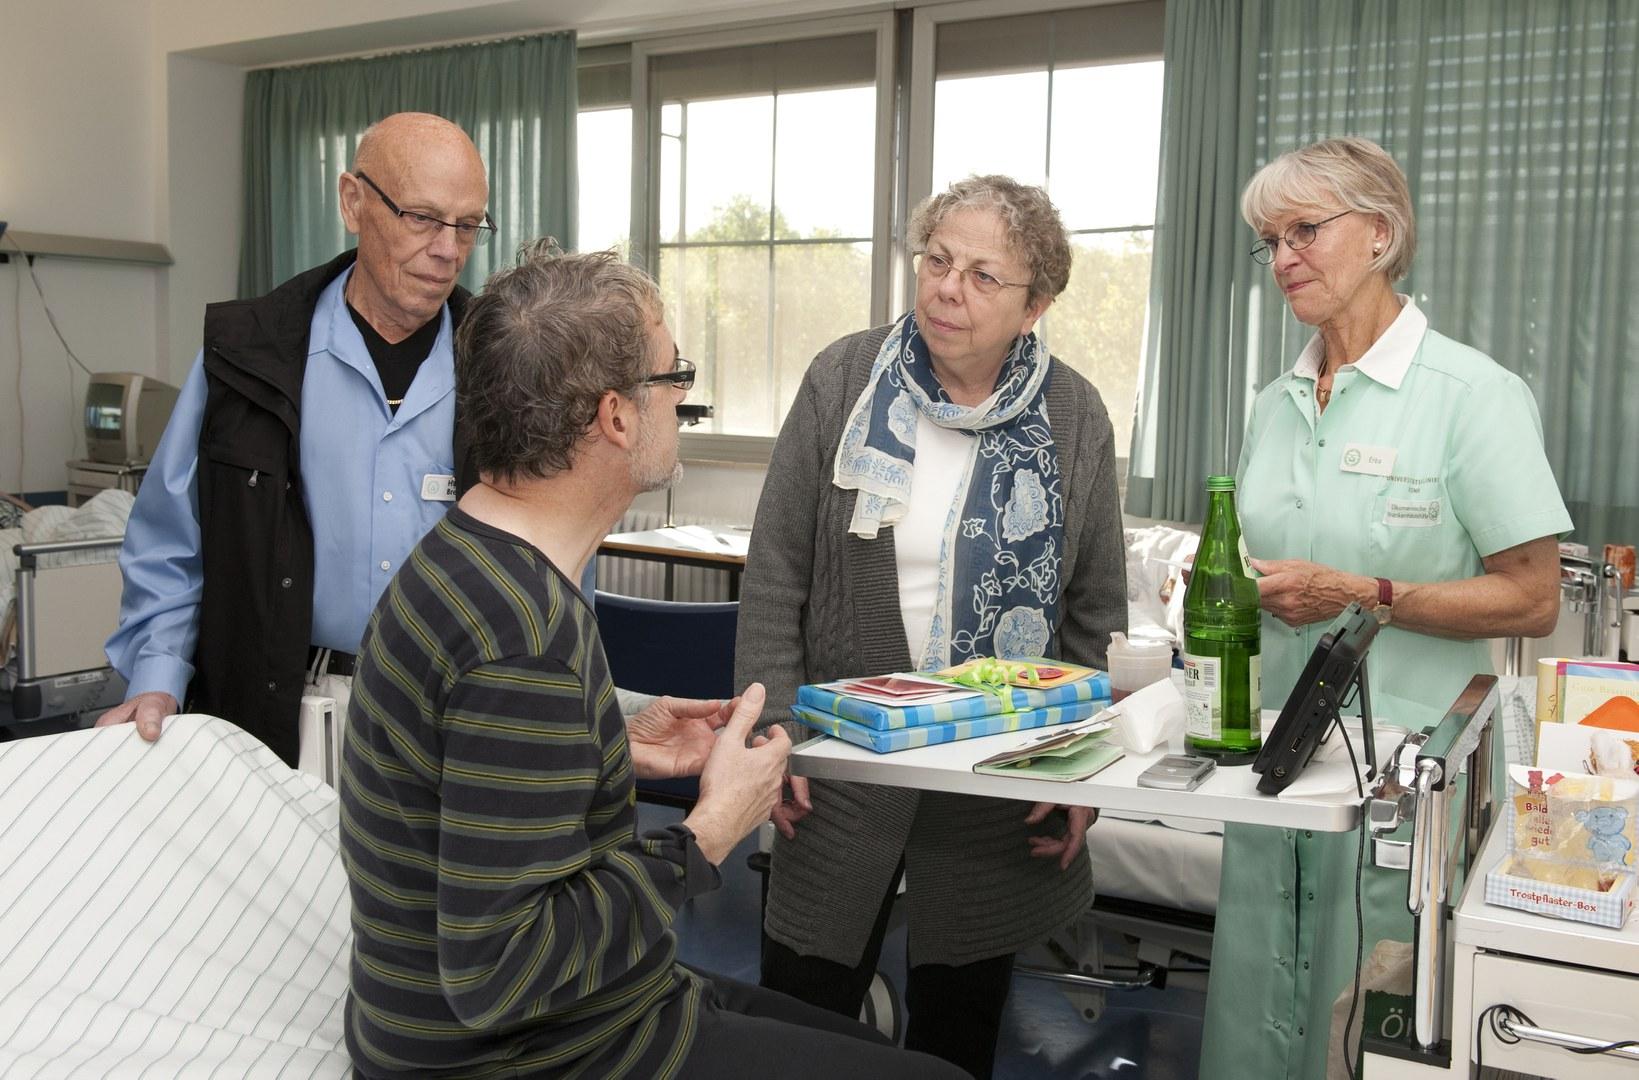 Grüne Damen und Grüner Herr im Gespräch mit einem Patienten (vorne):